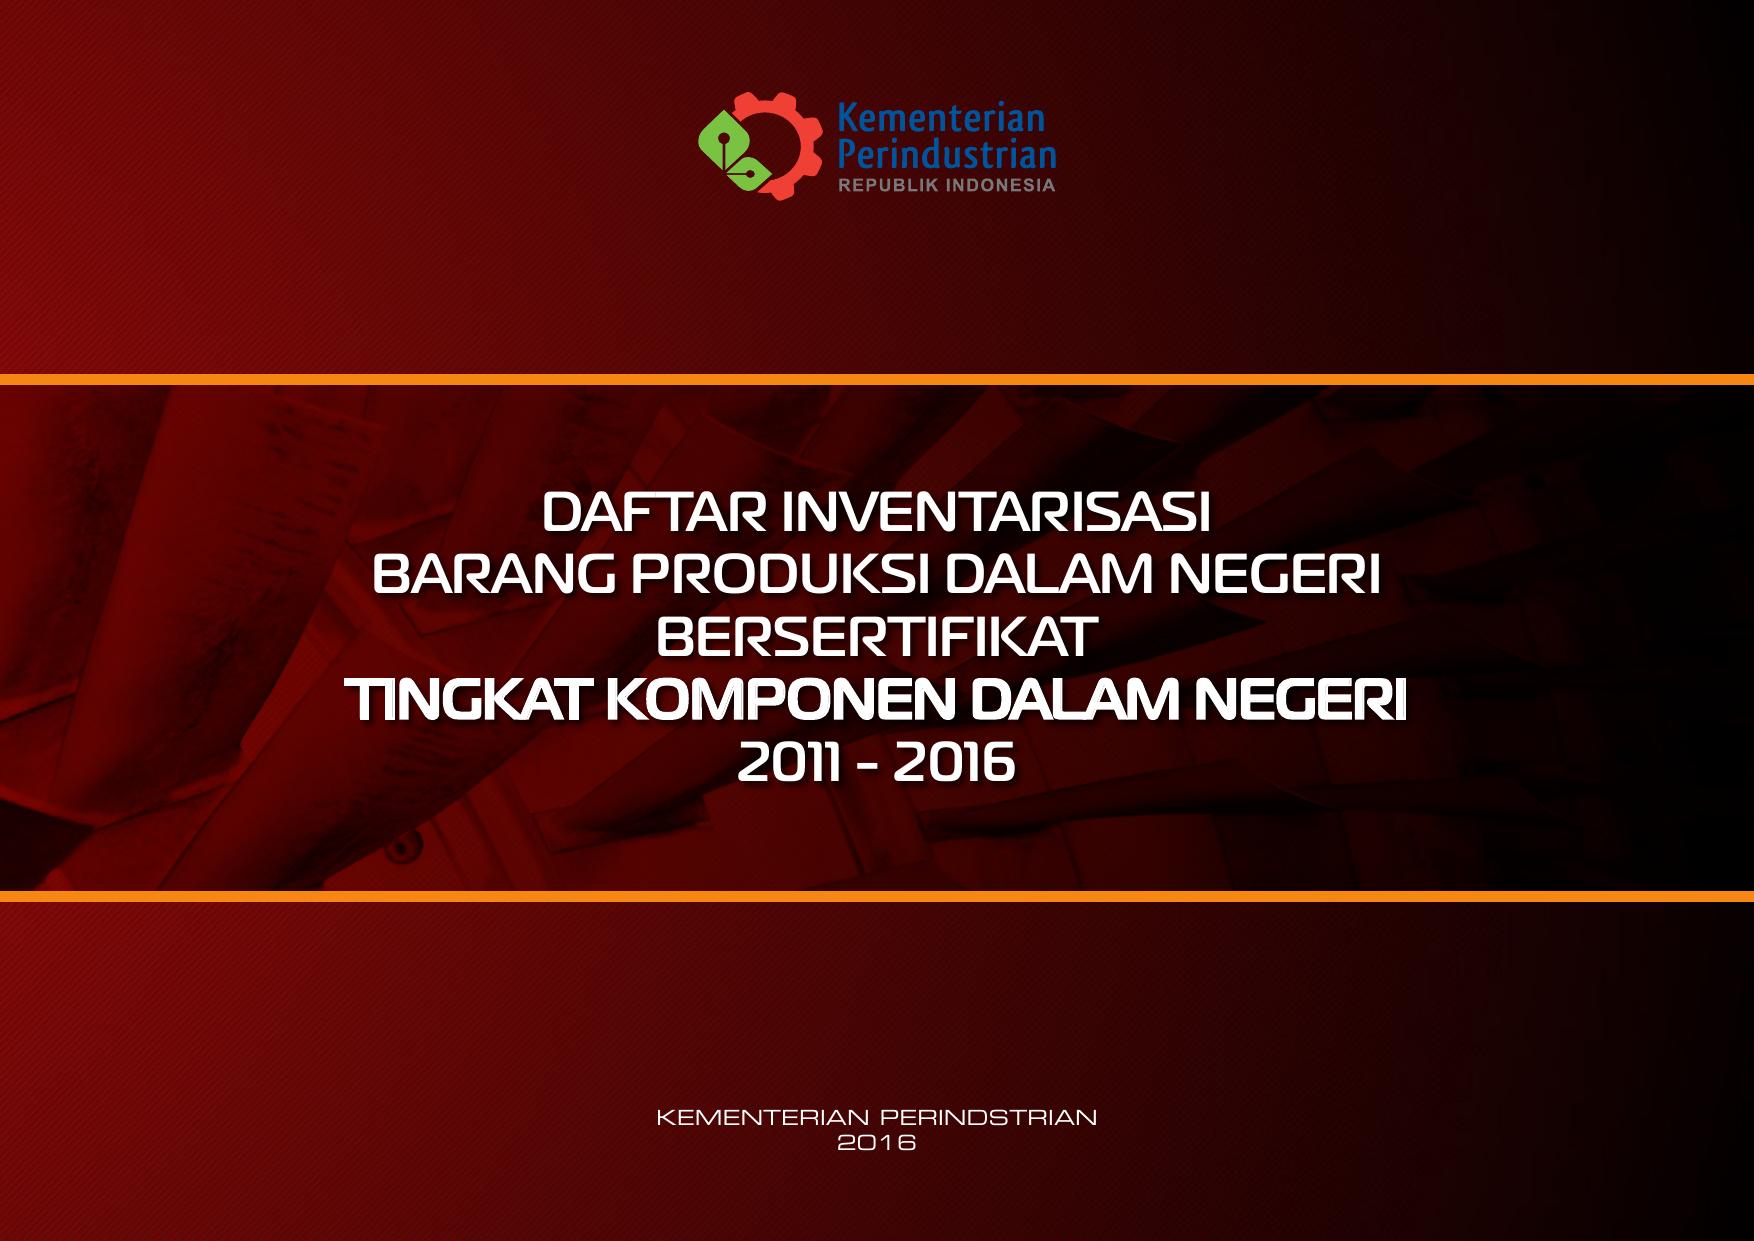 daftar inventarisasi barang produksi dalam negeri bersertifikat